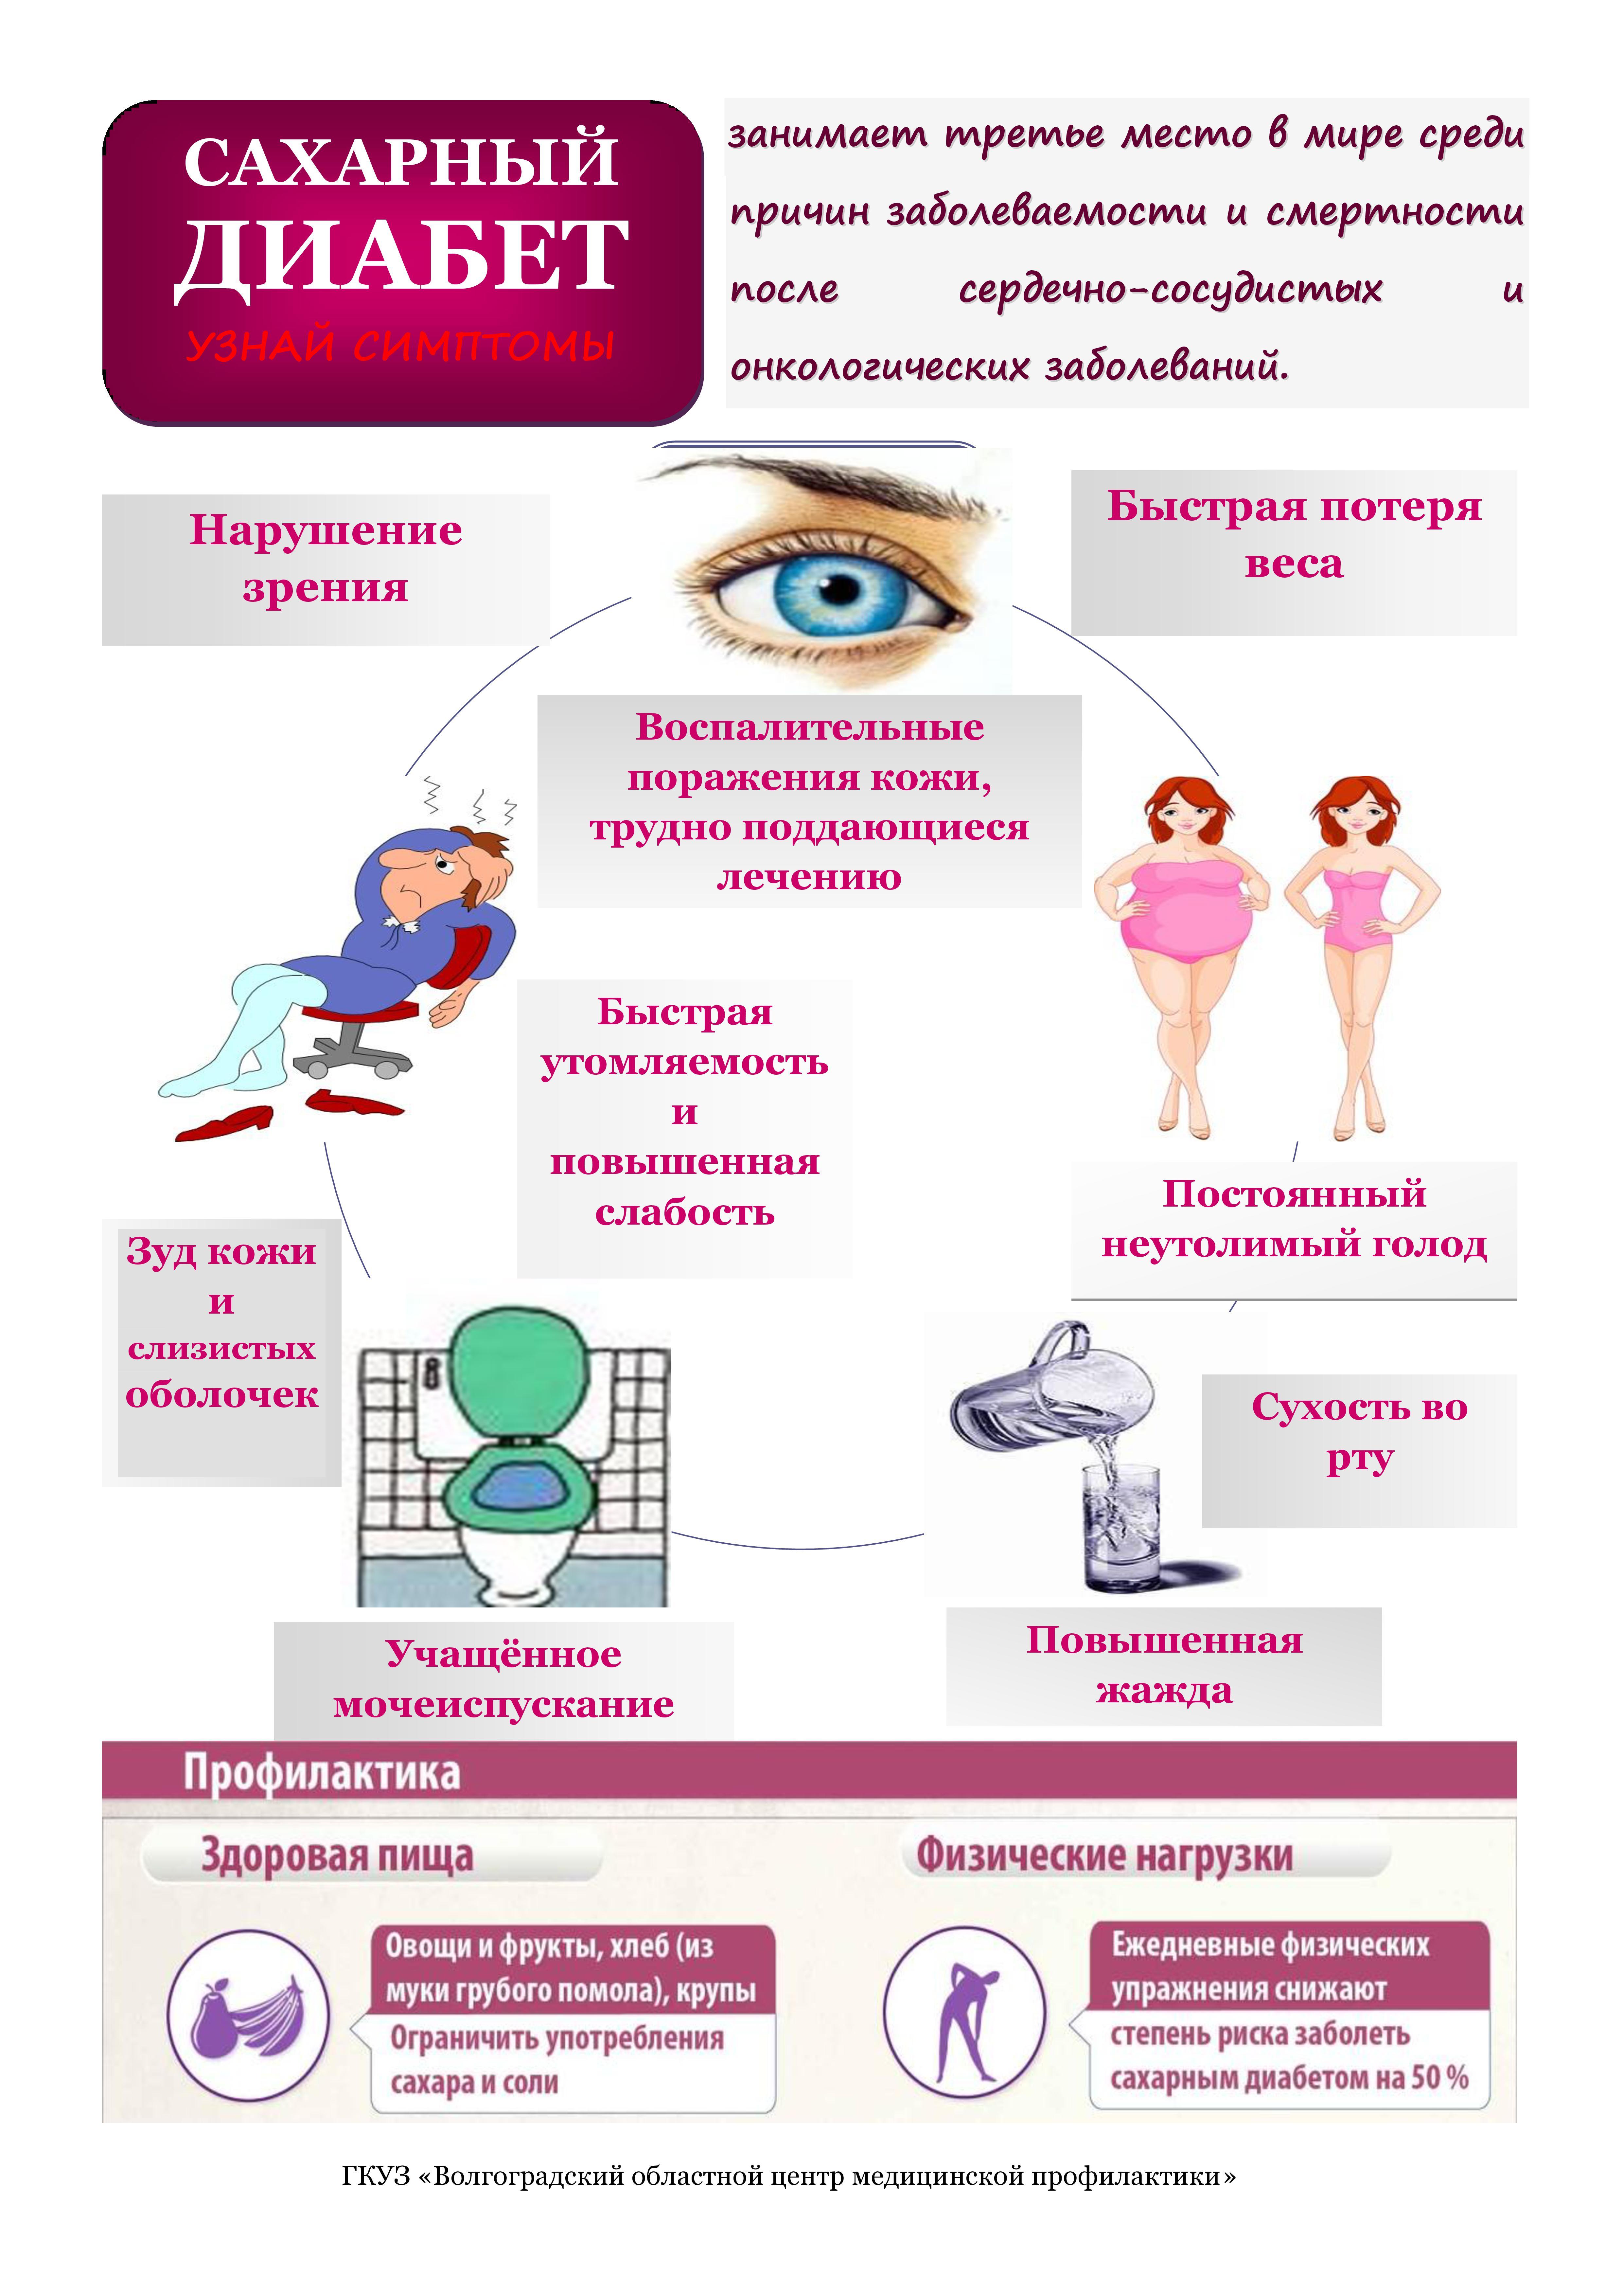 здоровый образ жизни неинфекционные заболевания